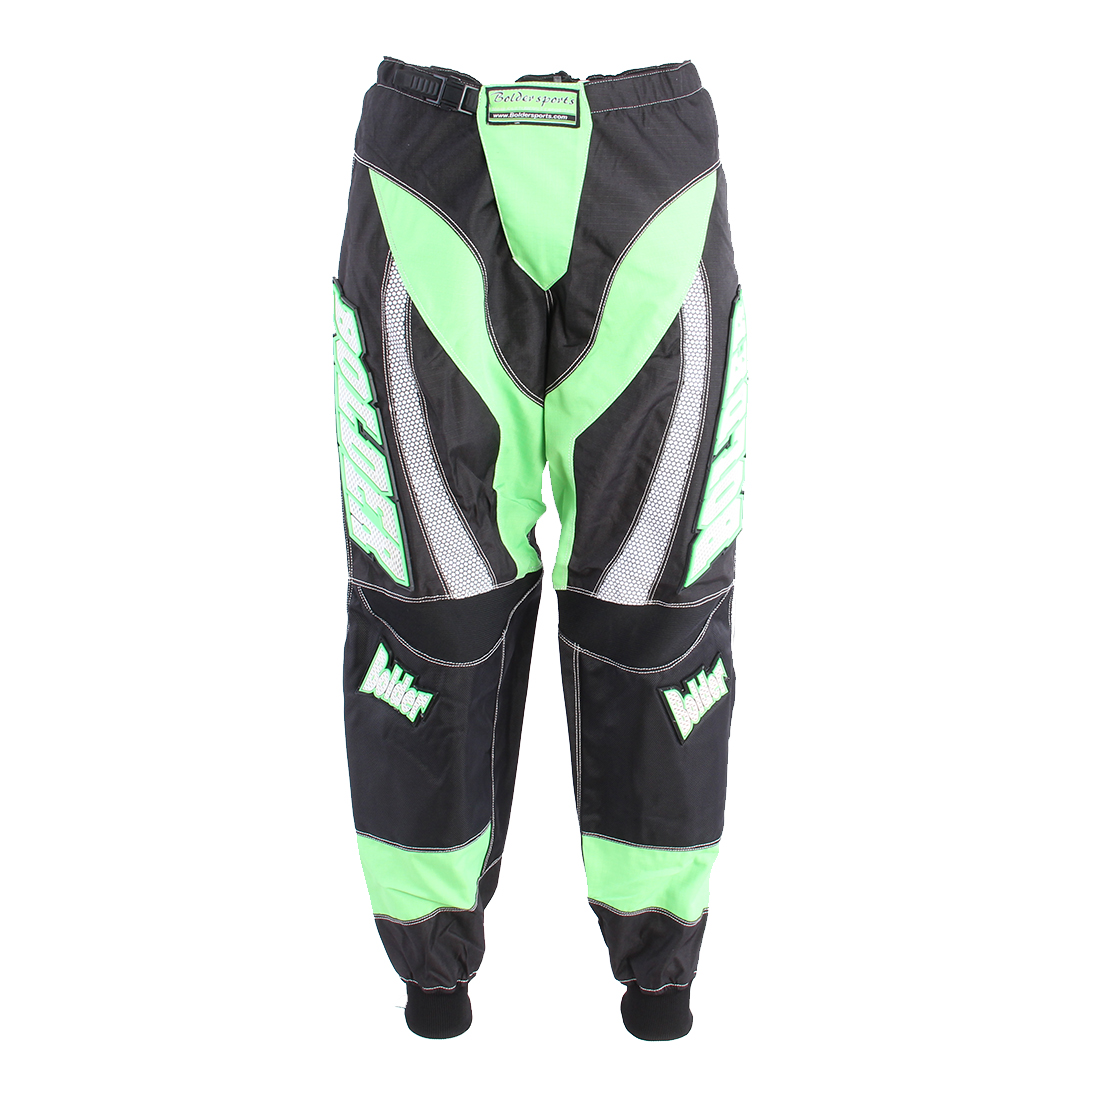 Kalhoty Motocross Kids - Velikost: 26